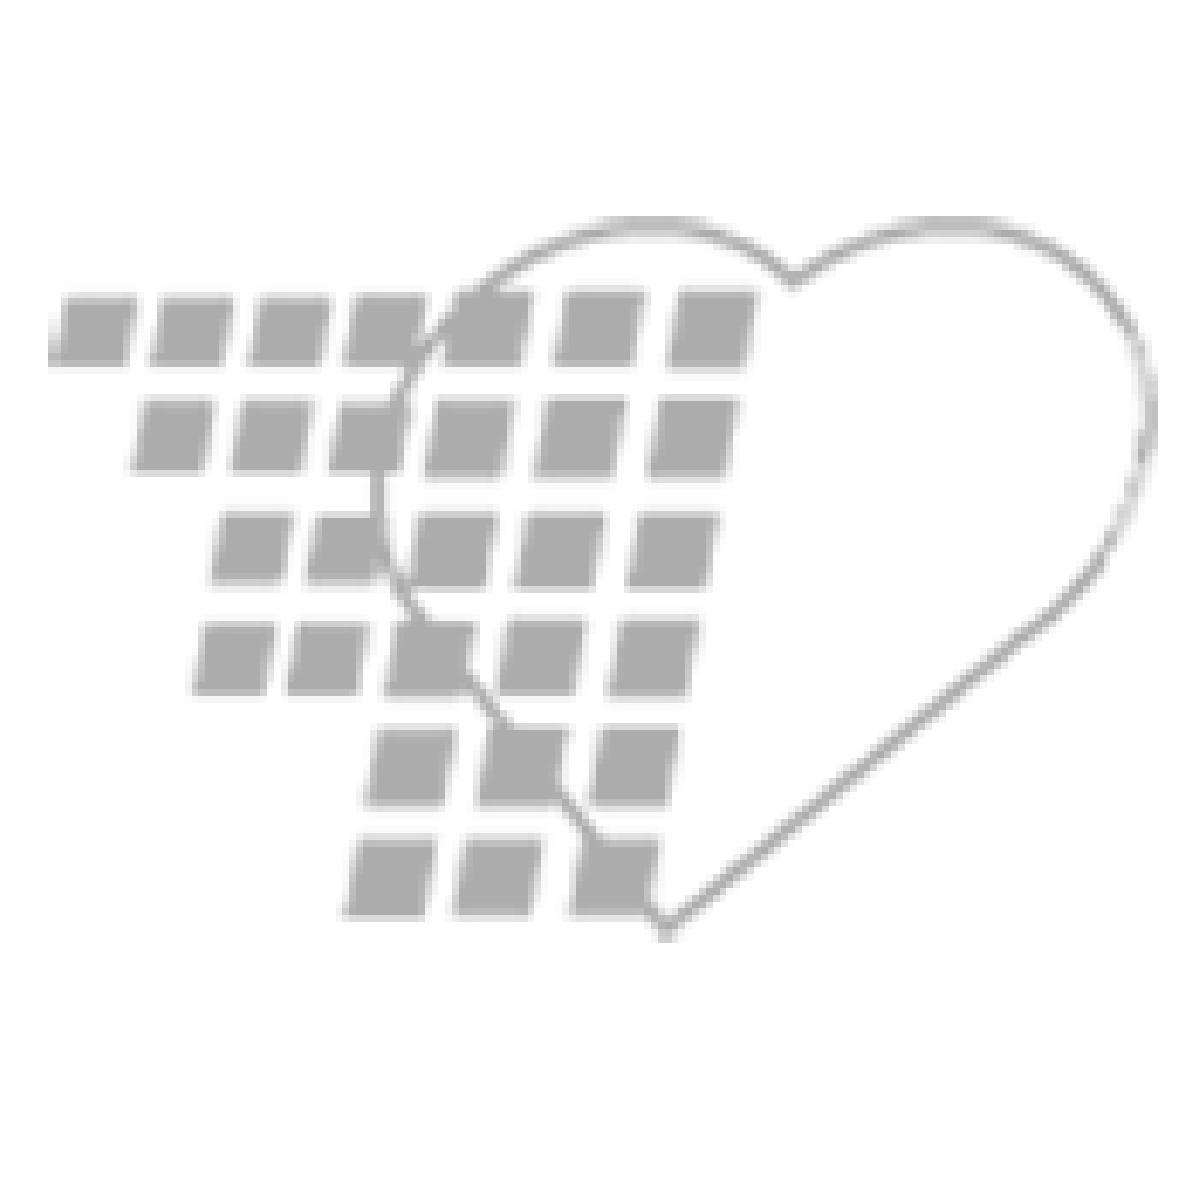 06-93-6935 Demo Dose® Ketorolc Tromethamin Toradl 15 mg mL 1 mL